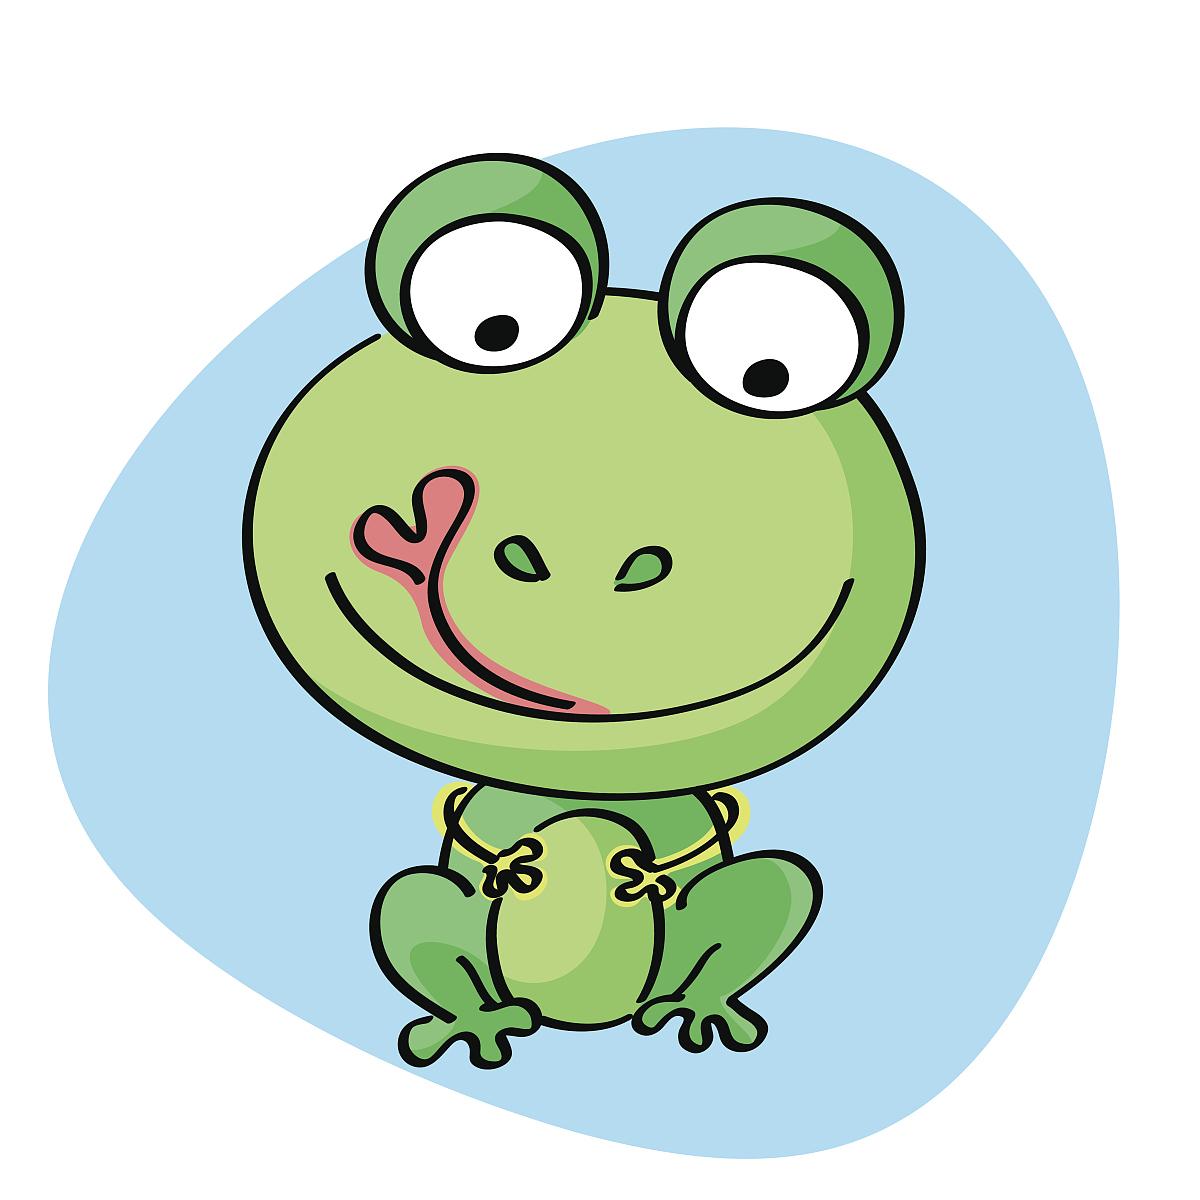 青蛙卡通图片